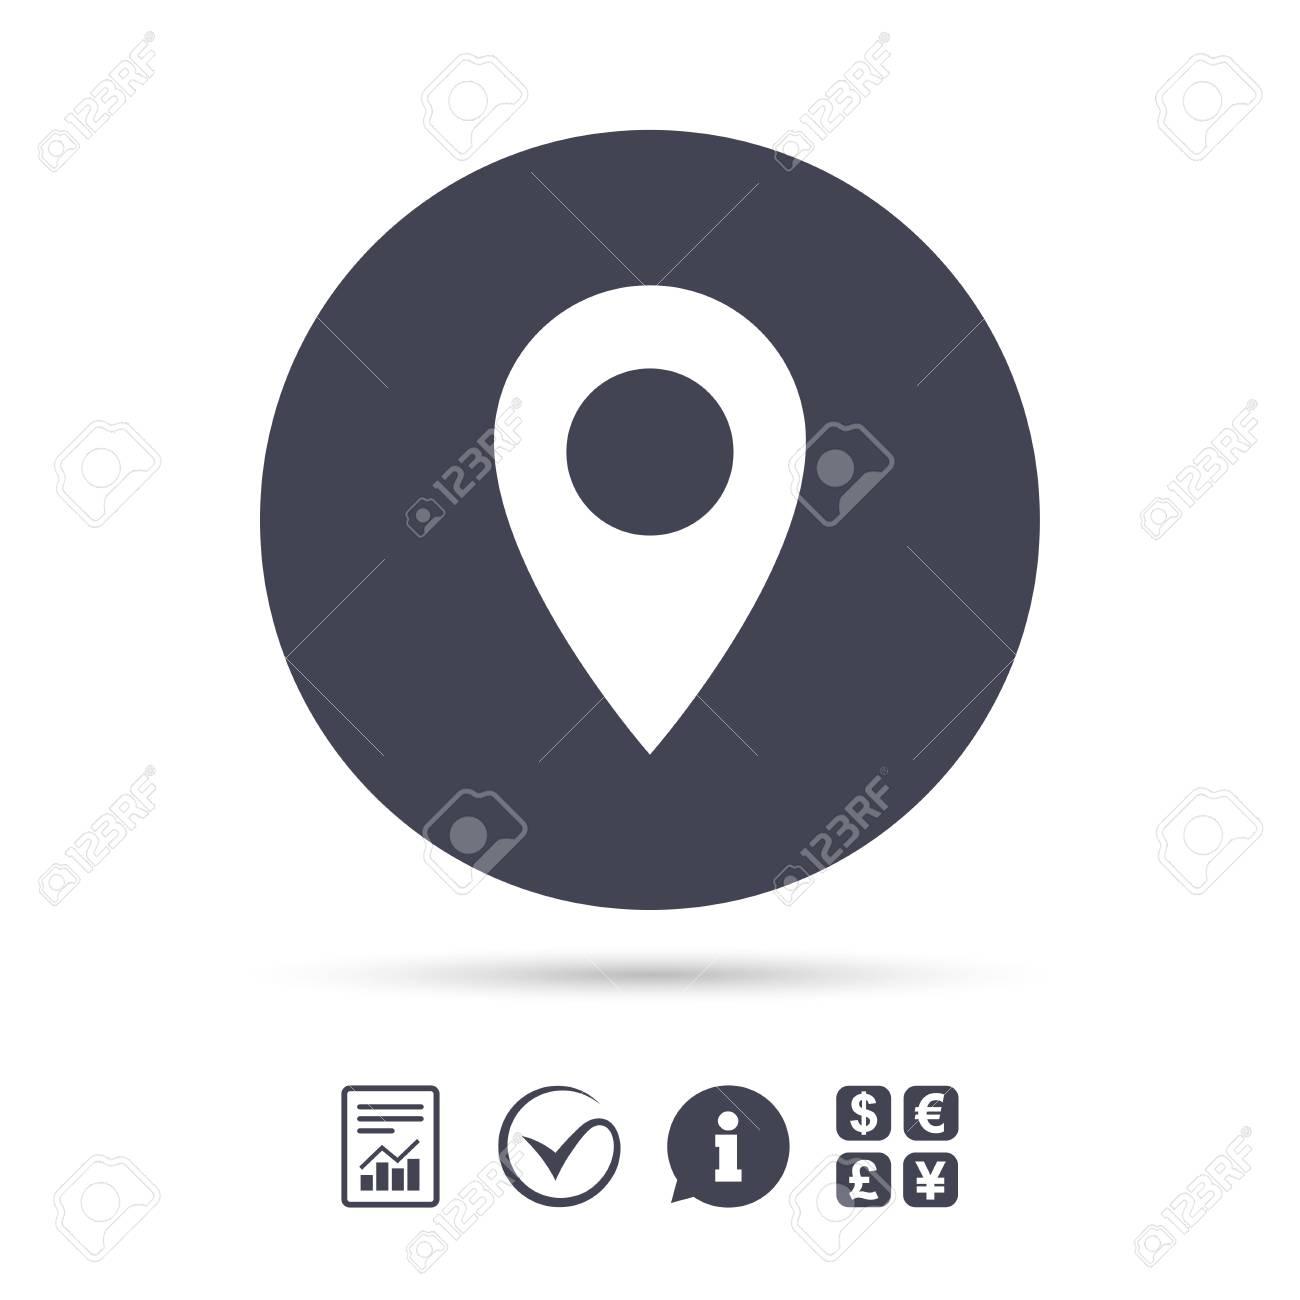 Icône de pointeur de carte  Symbole de localisation GPS  Signaler le  document, l'information et cocher les icônes  Échange de devises  Vecteur